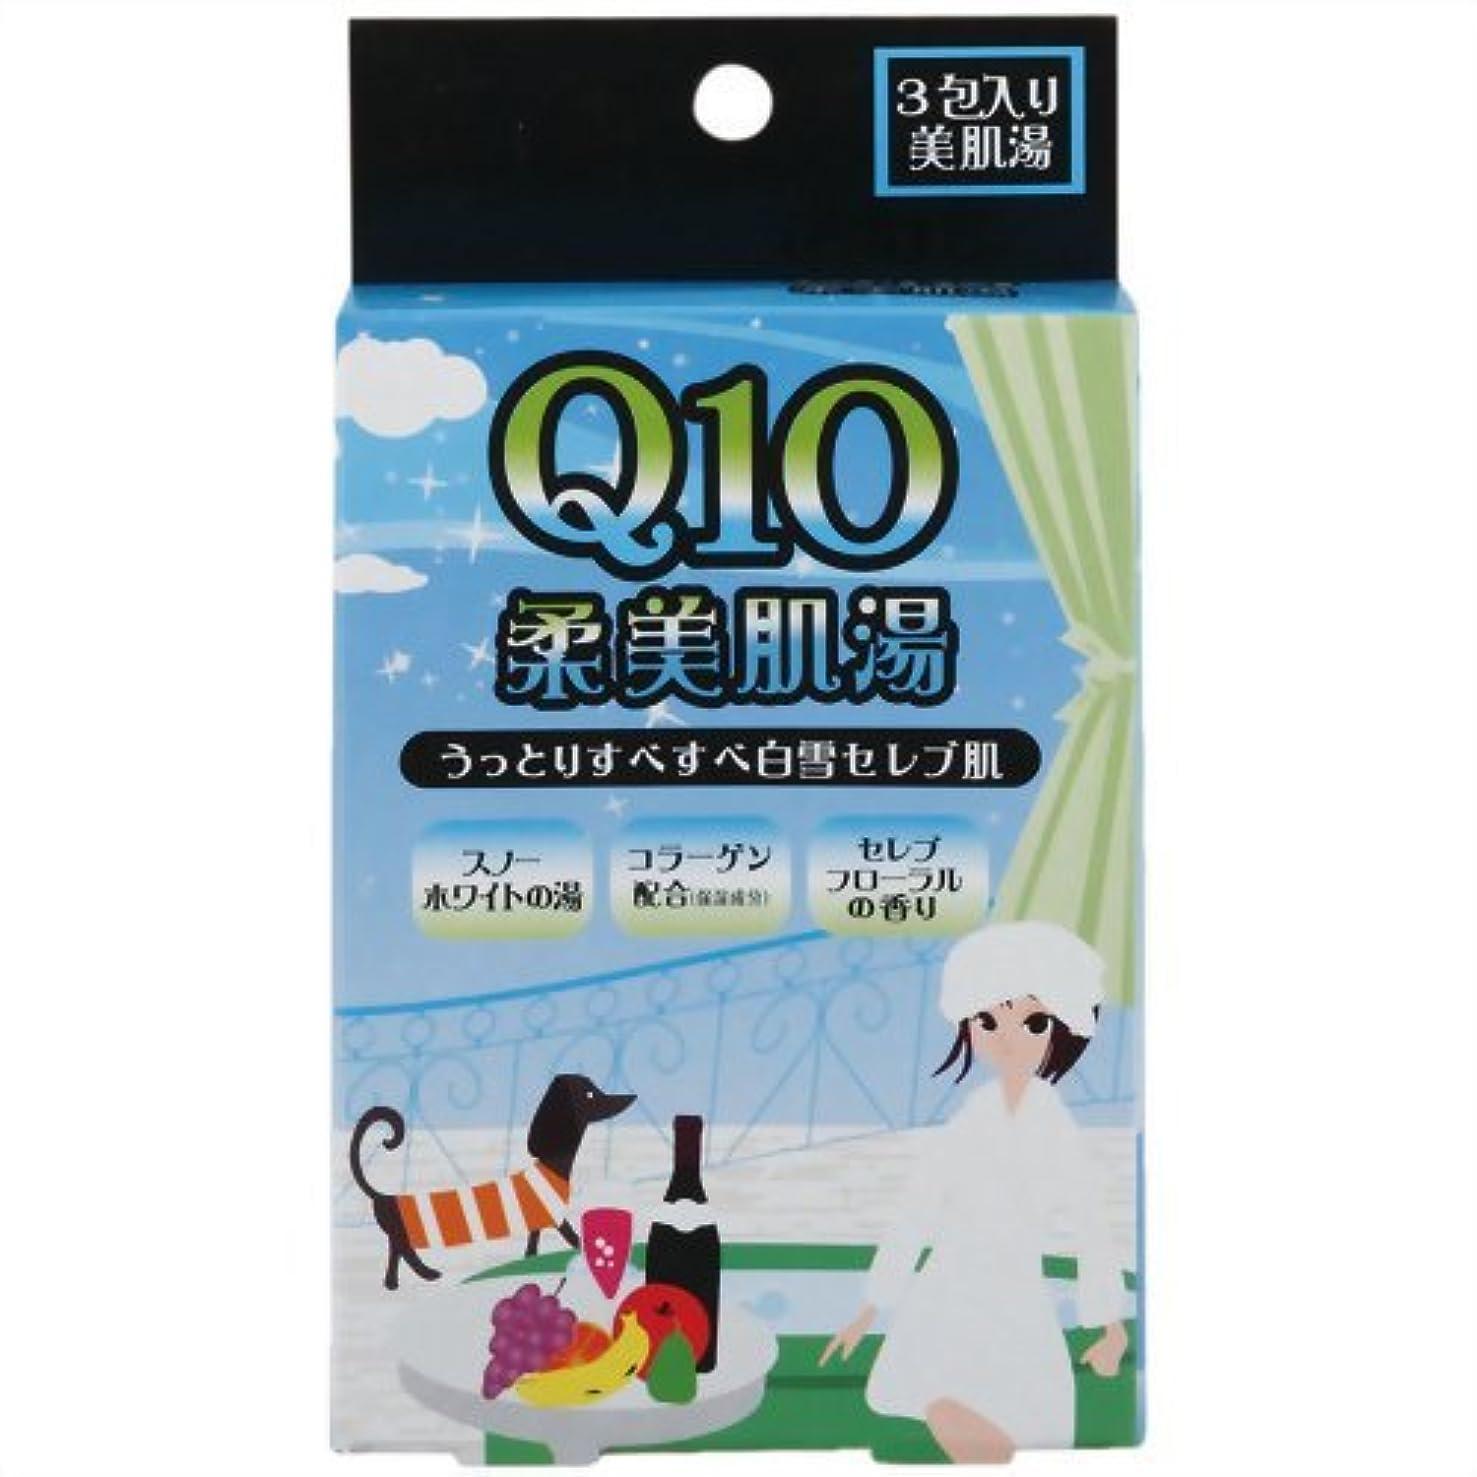 アトラスモデレータオーバーラン紀陽除虫菊 Q10 柔美肌湯 (セレブフローラルの香り)【まとめ買い10個セット】 N-8372